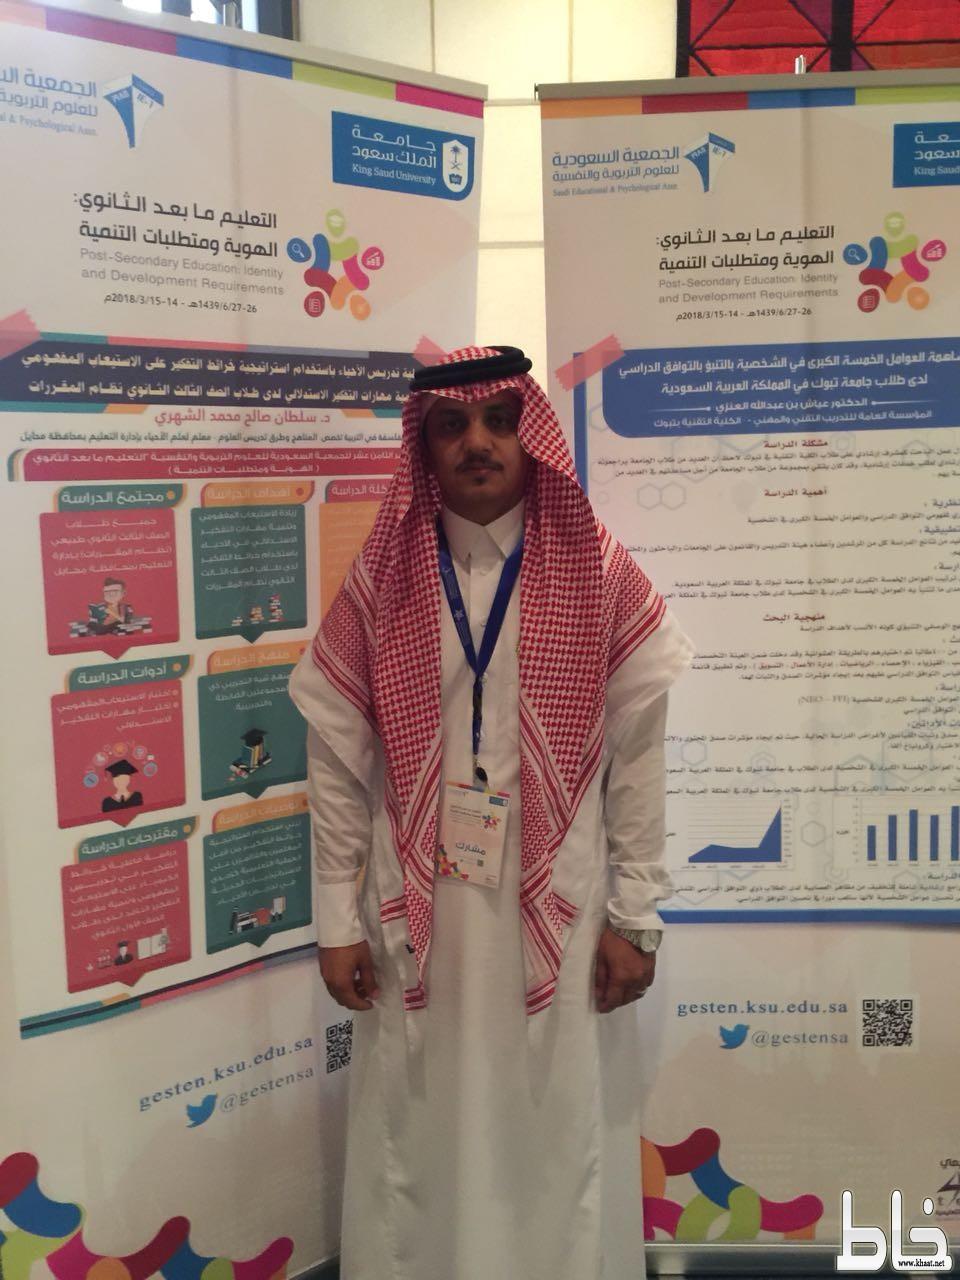 الدكتور سلطان الشهري يُشارك بورقة بحثية بجامعة الملك سعود